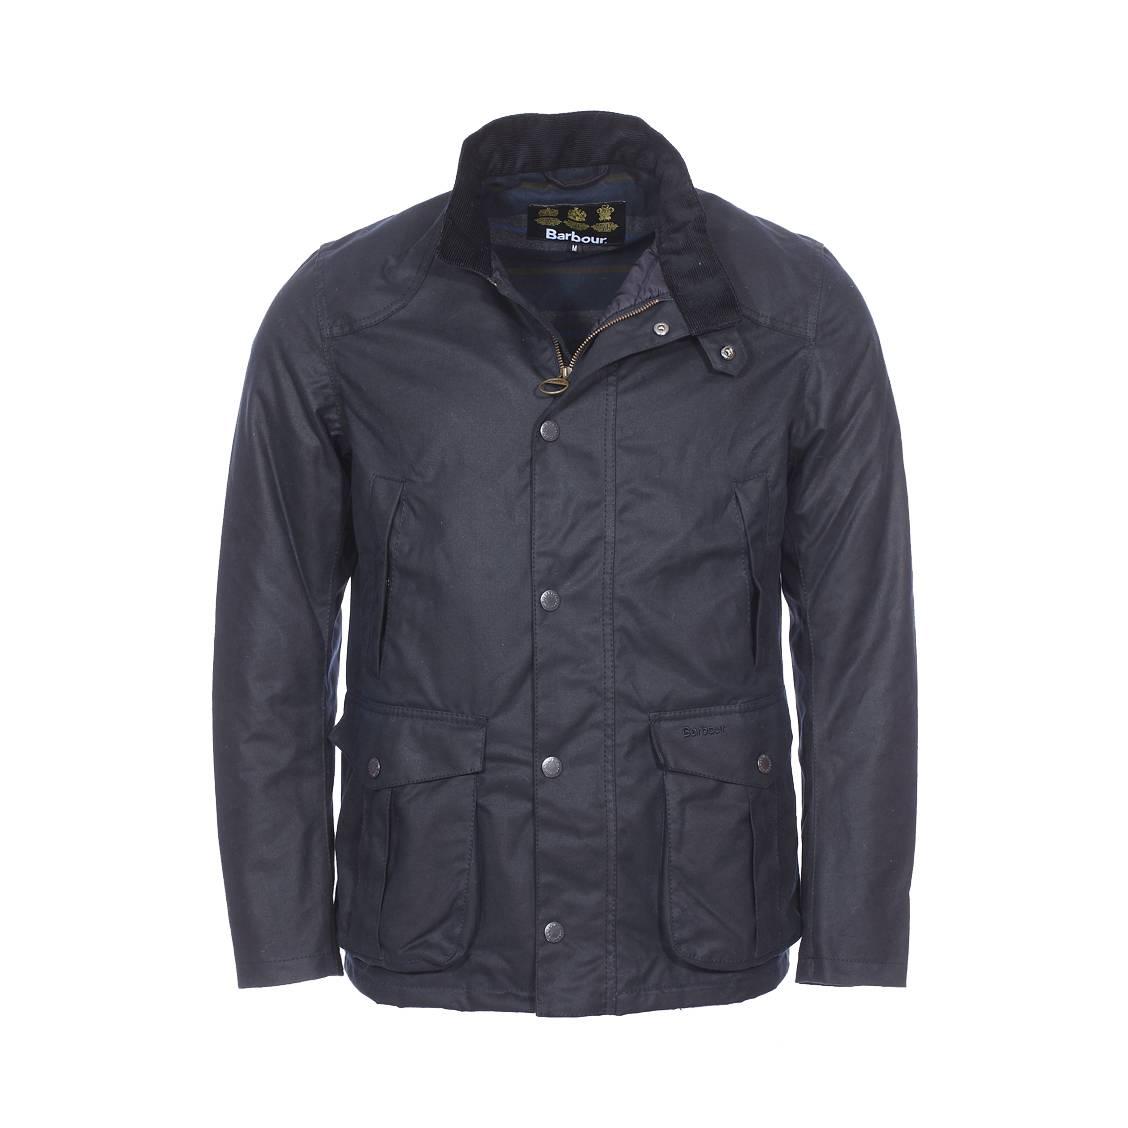 design de qualité très convoité gamme de invaincu x Parka Barbour Leeward en toile de coton huilé bleu marine | Rue Des Hommes